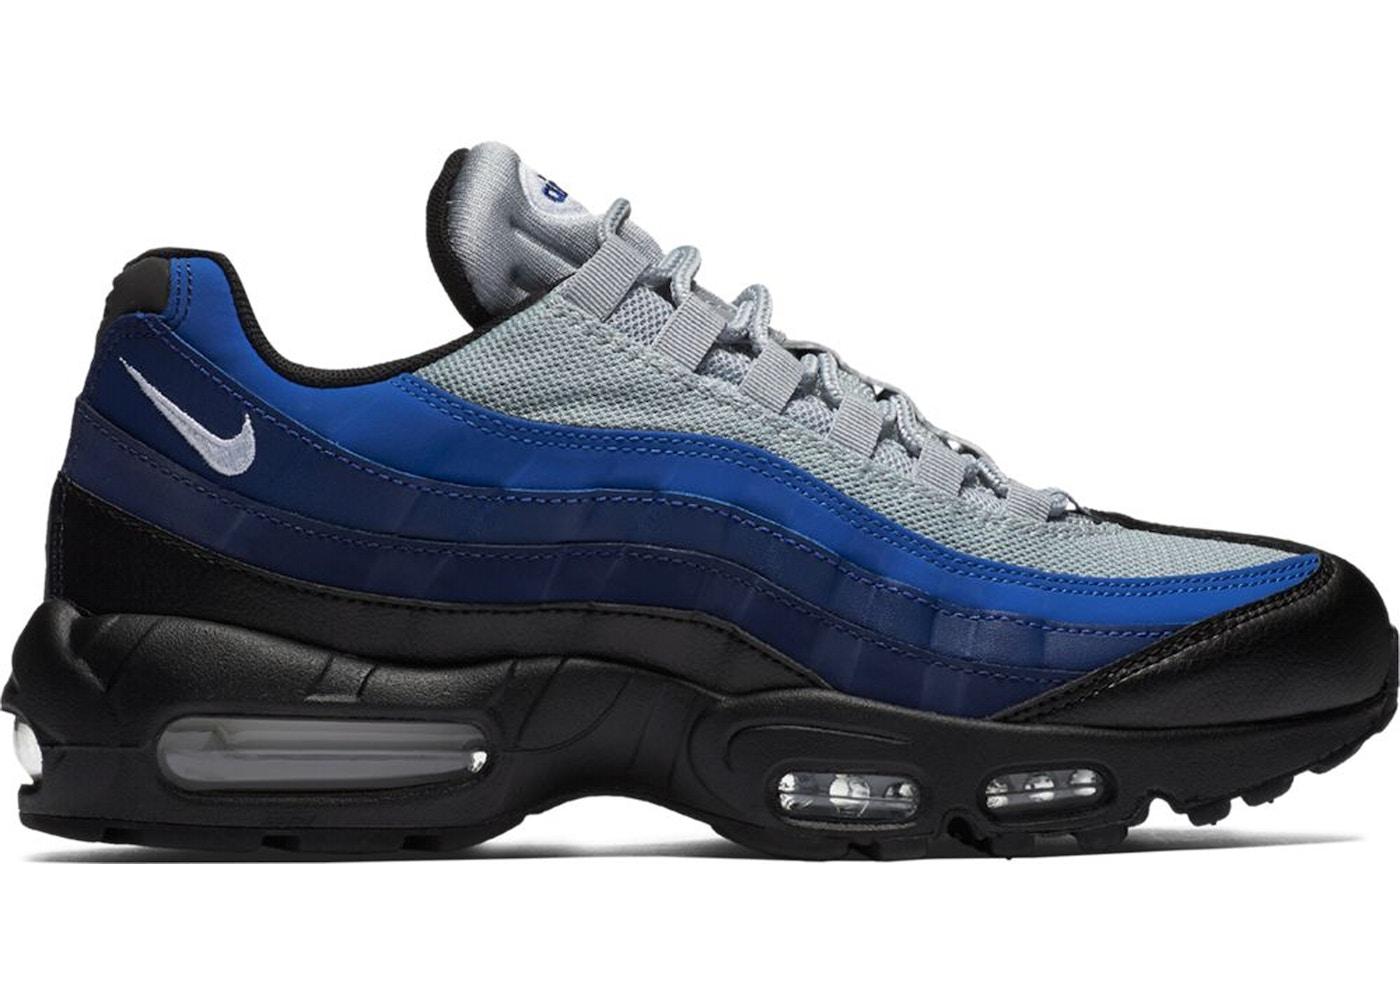 nike air max 95 white blue black